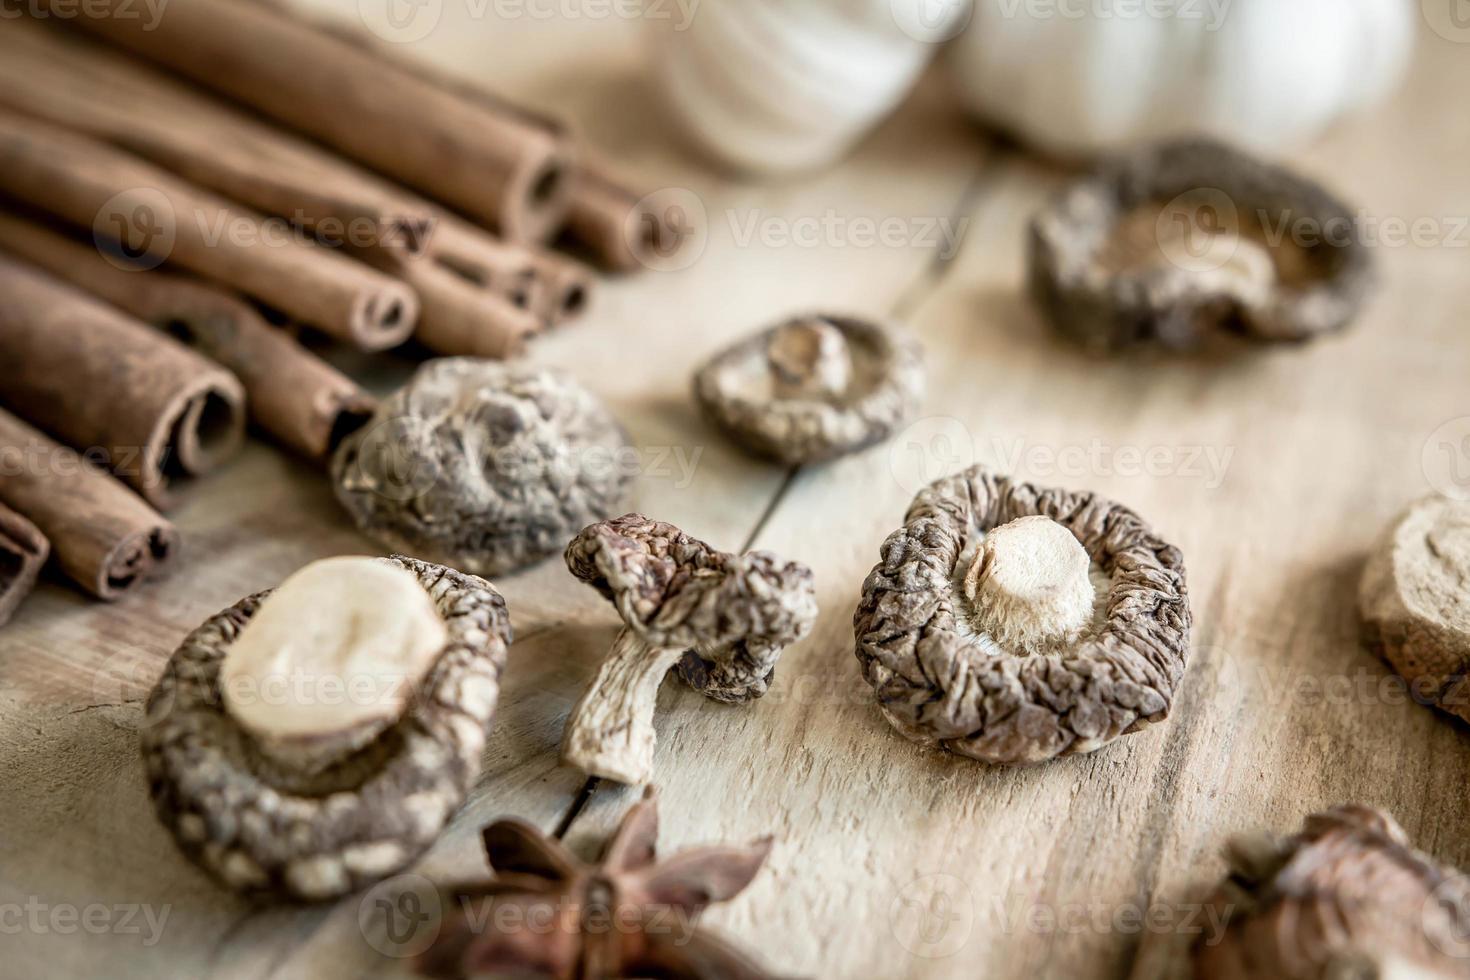 die getrockneten Shiitake-Pilze auf altem Holztisch foto